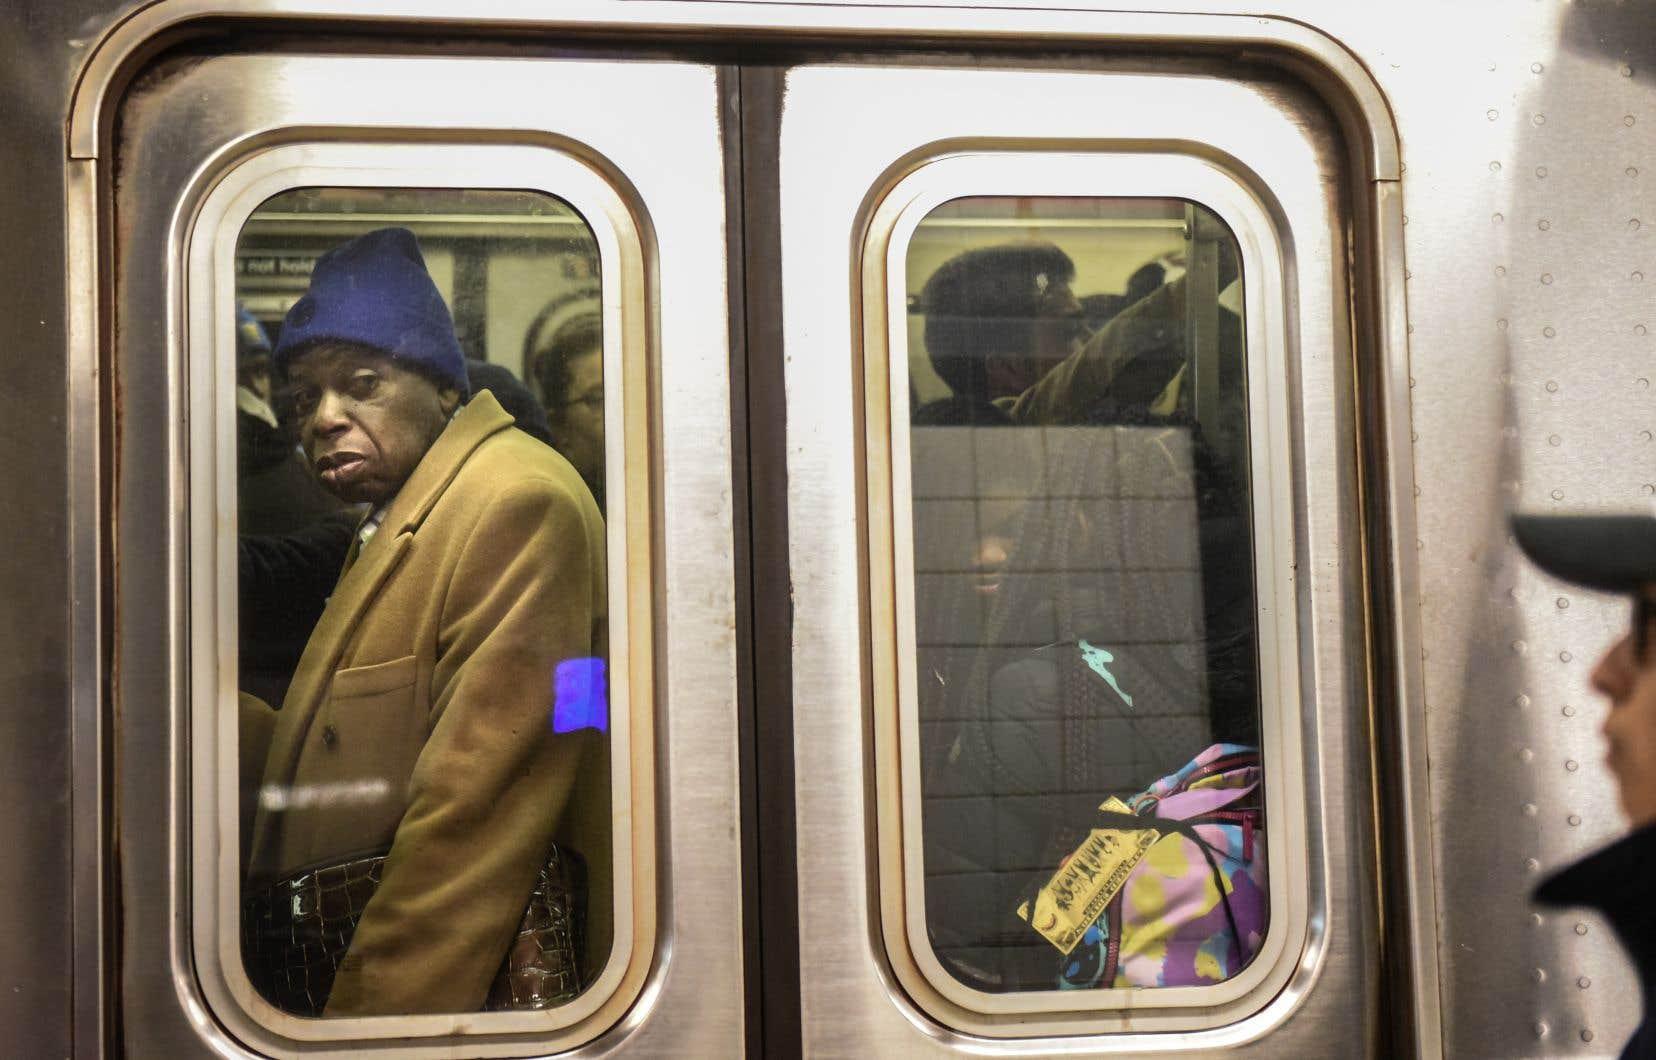 De son côté, Bombardier a affirmé que deux portes de voitures du parc du métro de New York «n'avaient pas fonctionné comme prévu», parce qu'elles n'avaient pas été correctement calibrées par le fournisseur.